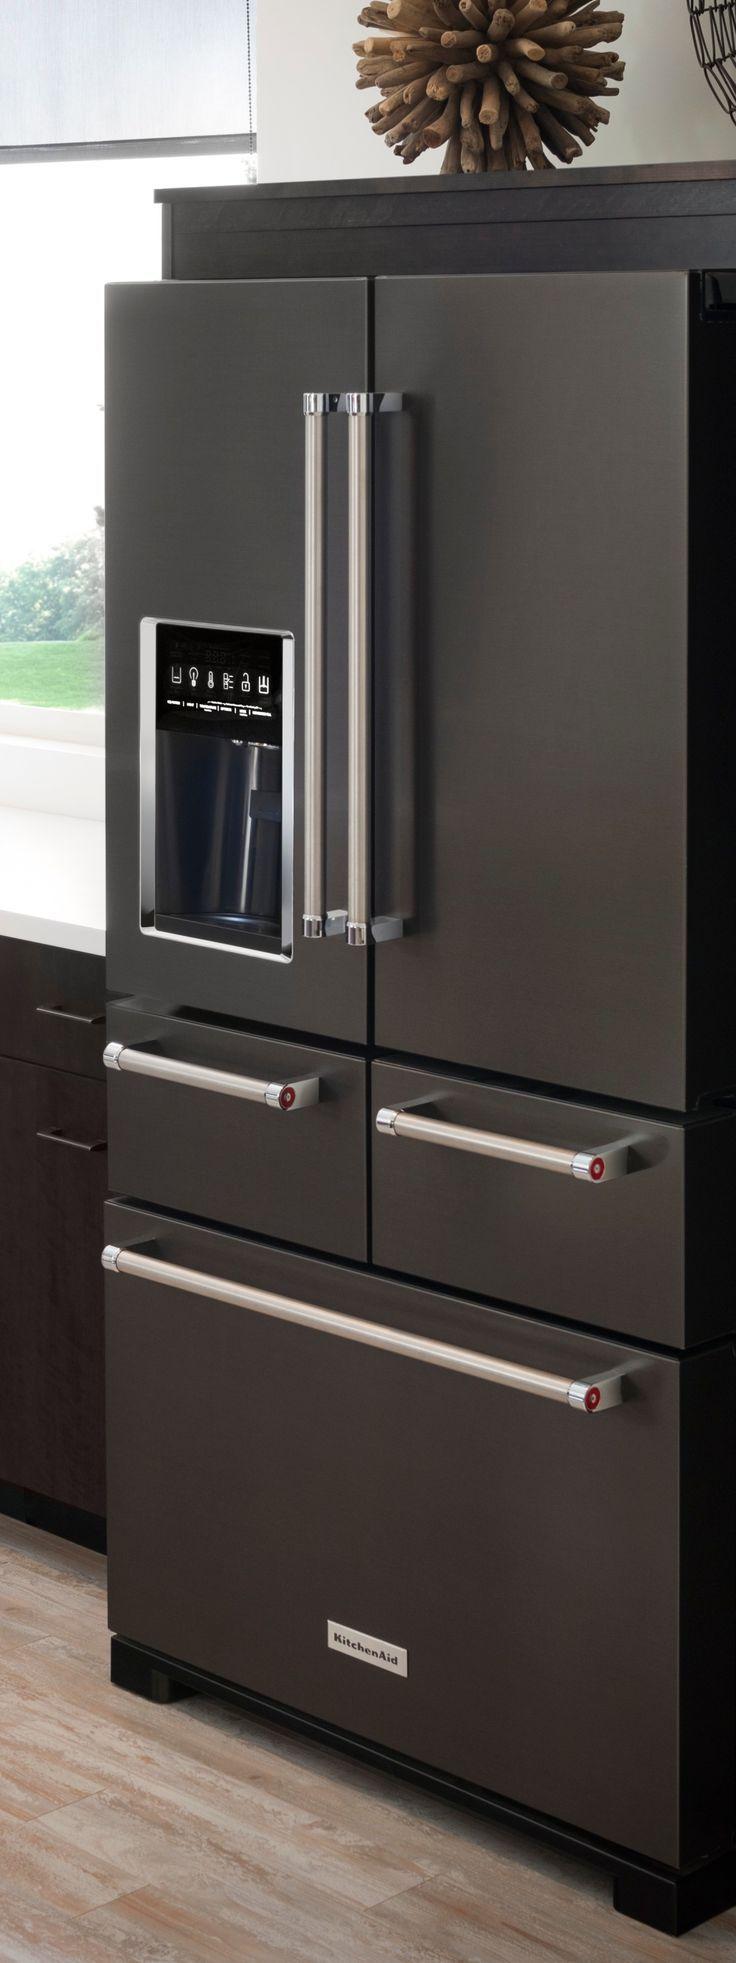 Best 25+ Kitchenaid refrigerator ideas on Pinterest | Kitchen ...